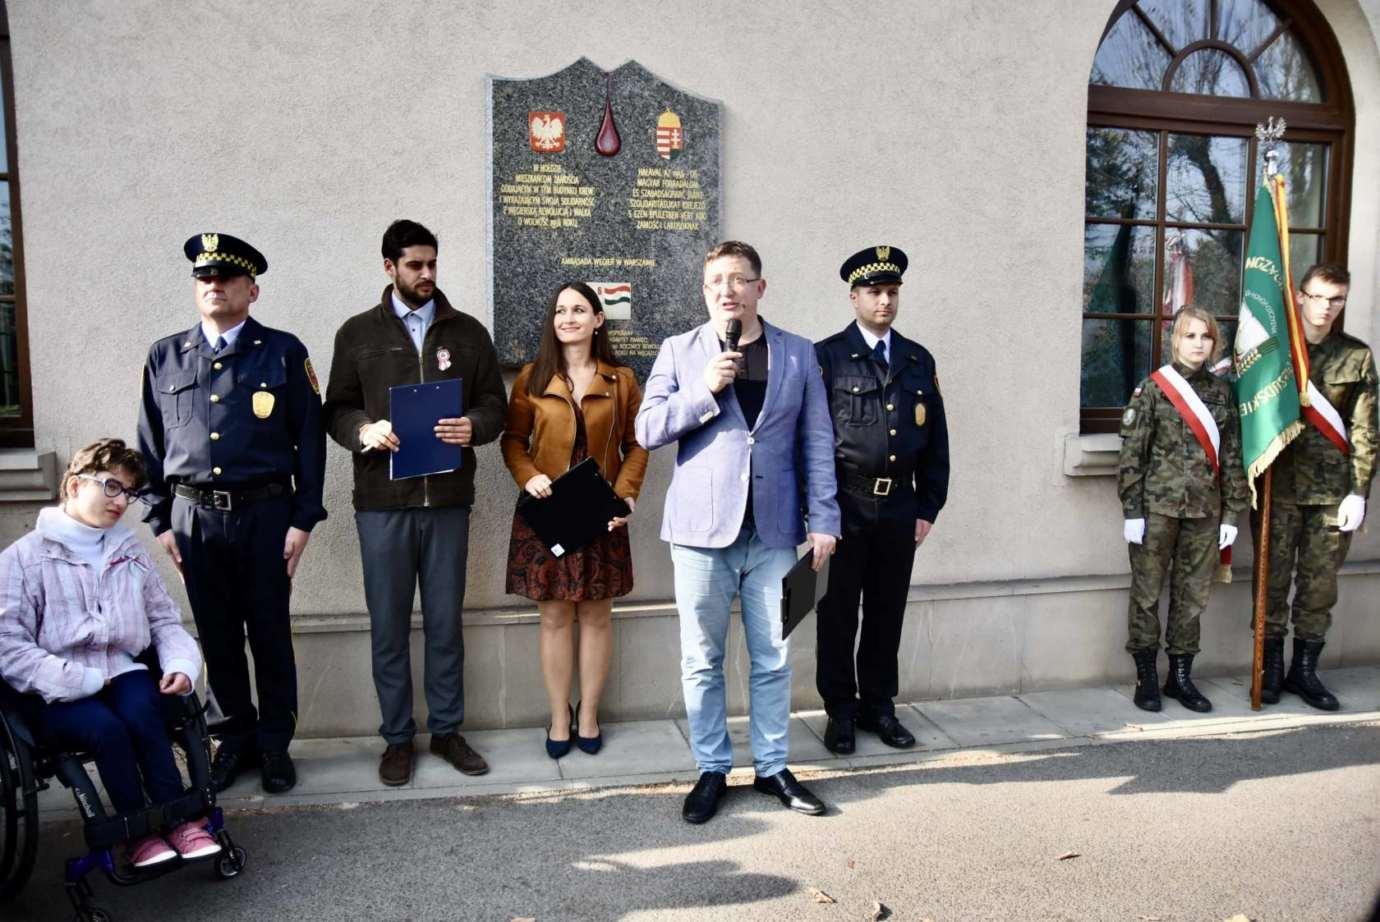 dsc 9484 Zamość: Obchody Narodowego Święta Węgier [ZDJĘCIA, FILM]